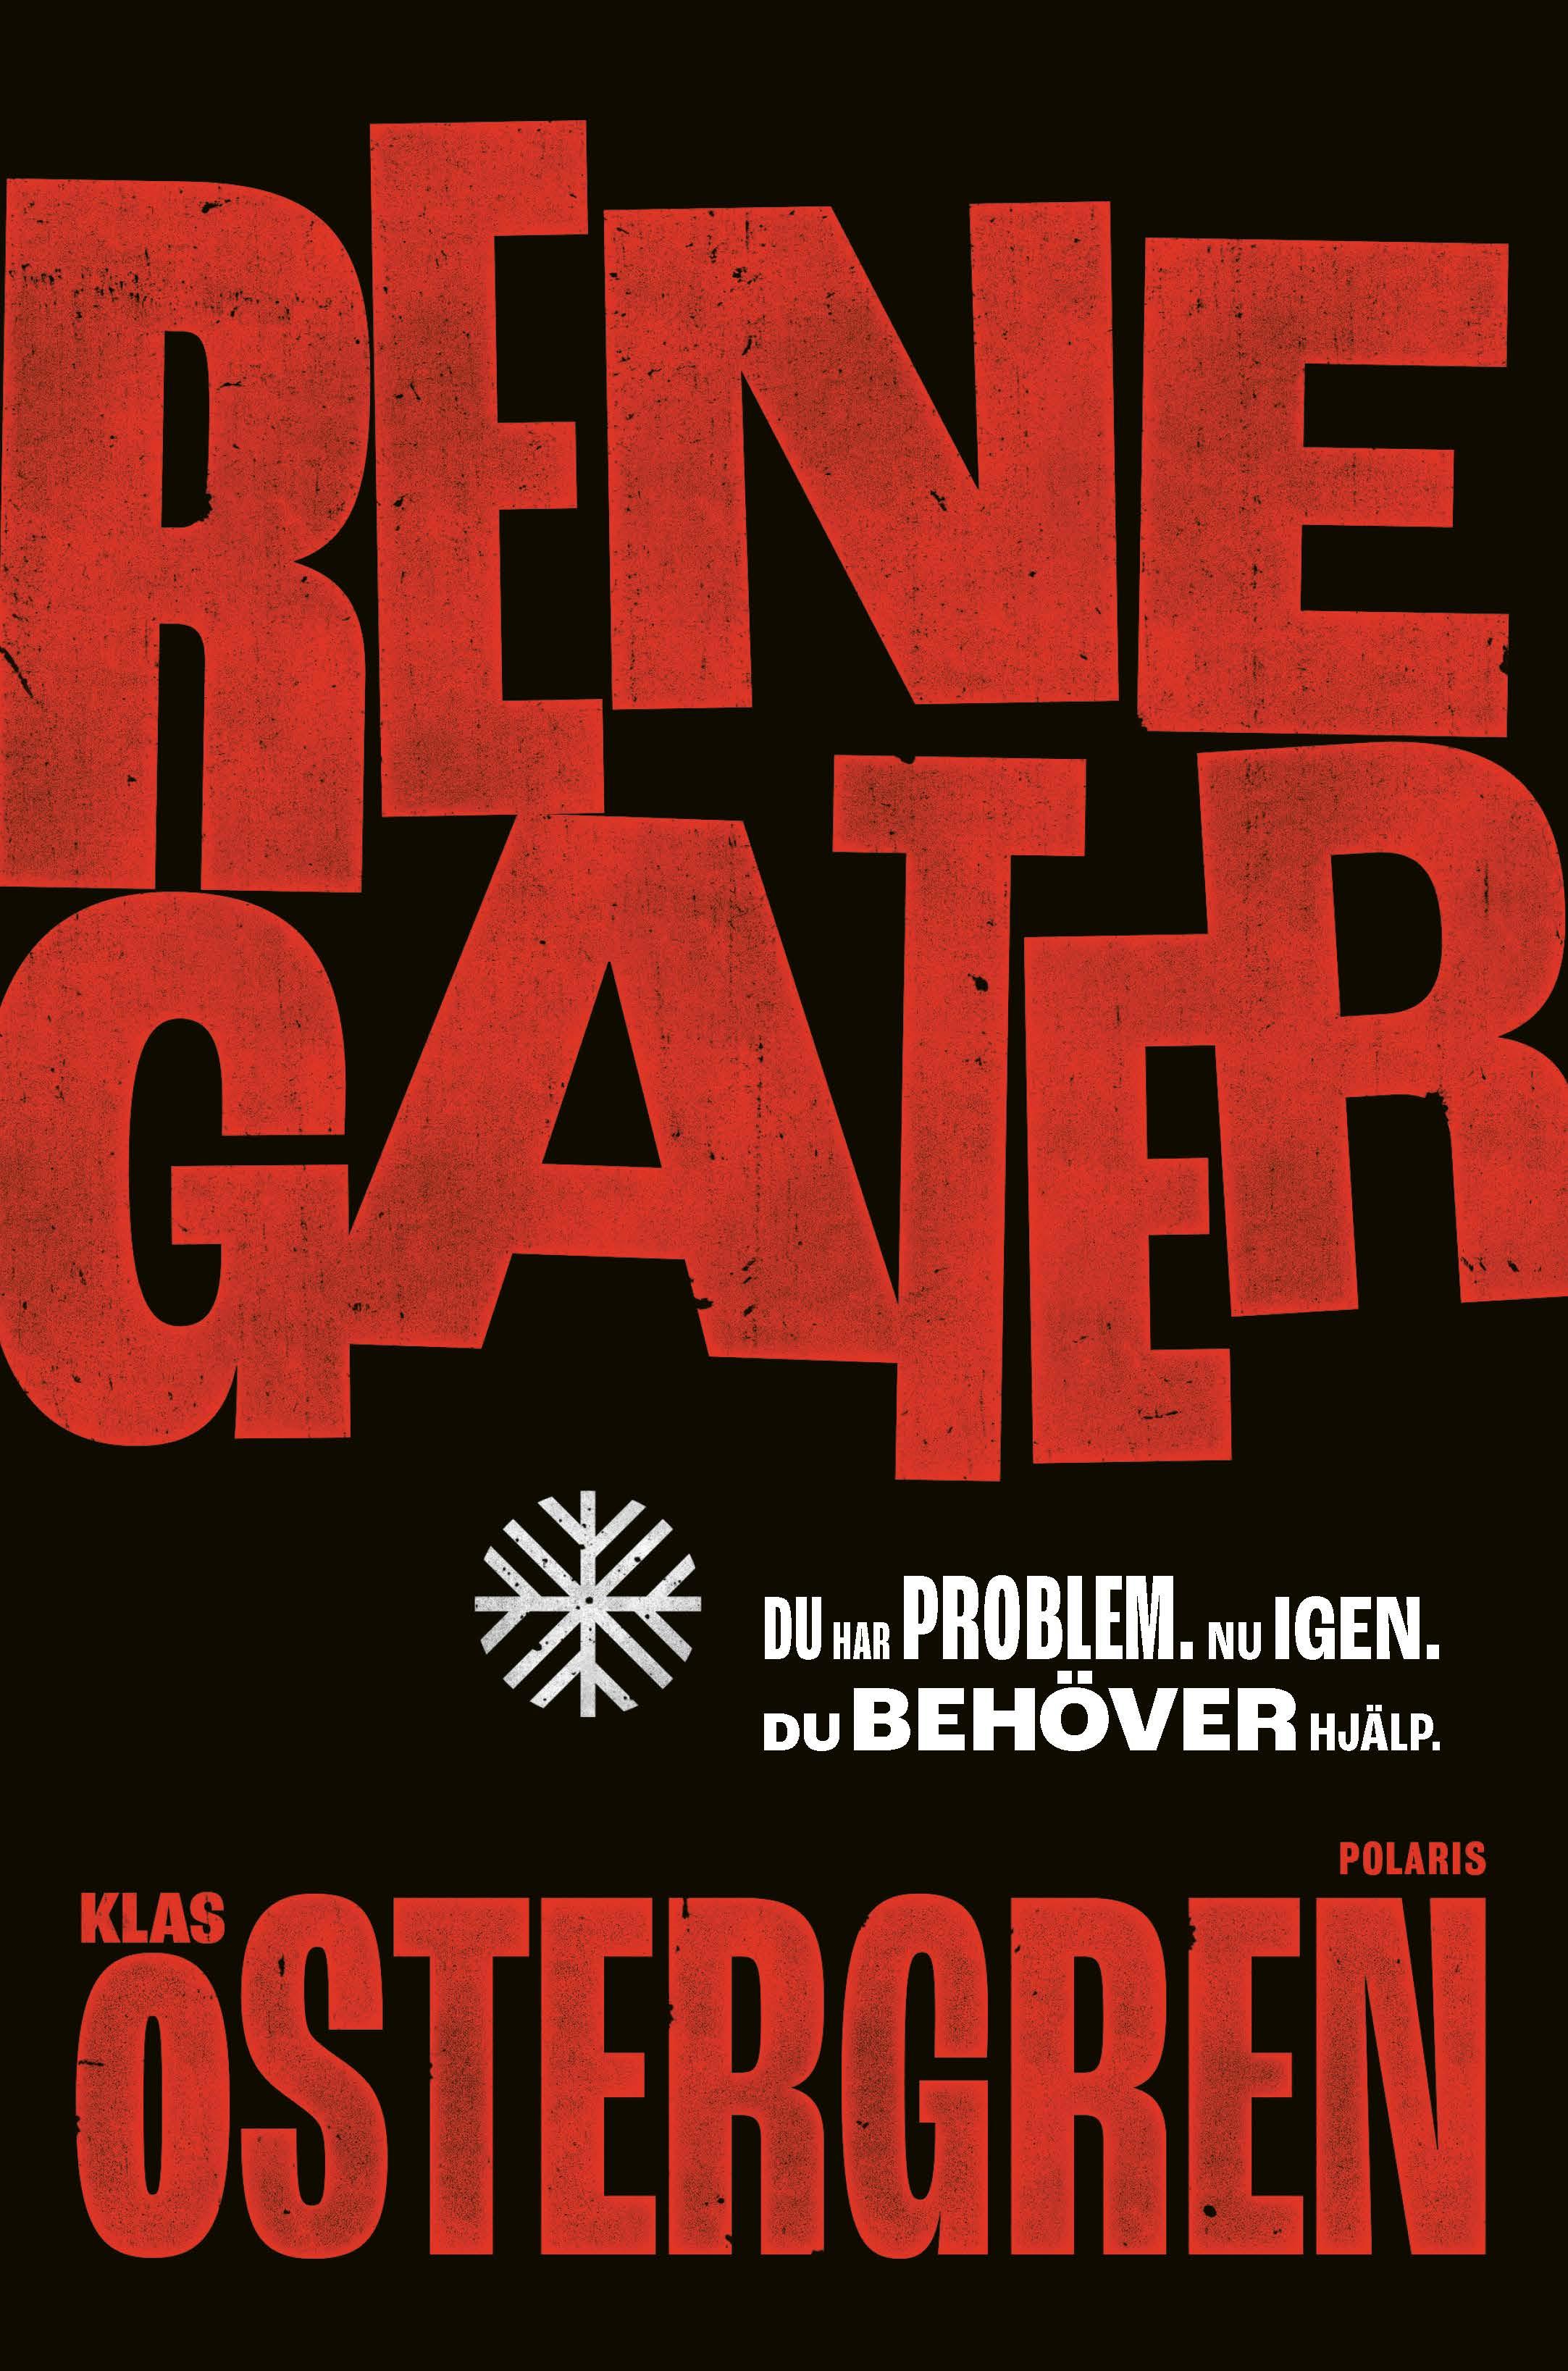 Renegater | Klas Östergren | Bokförlaget Polaris